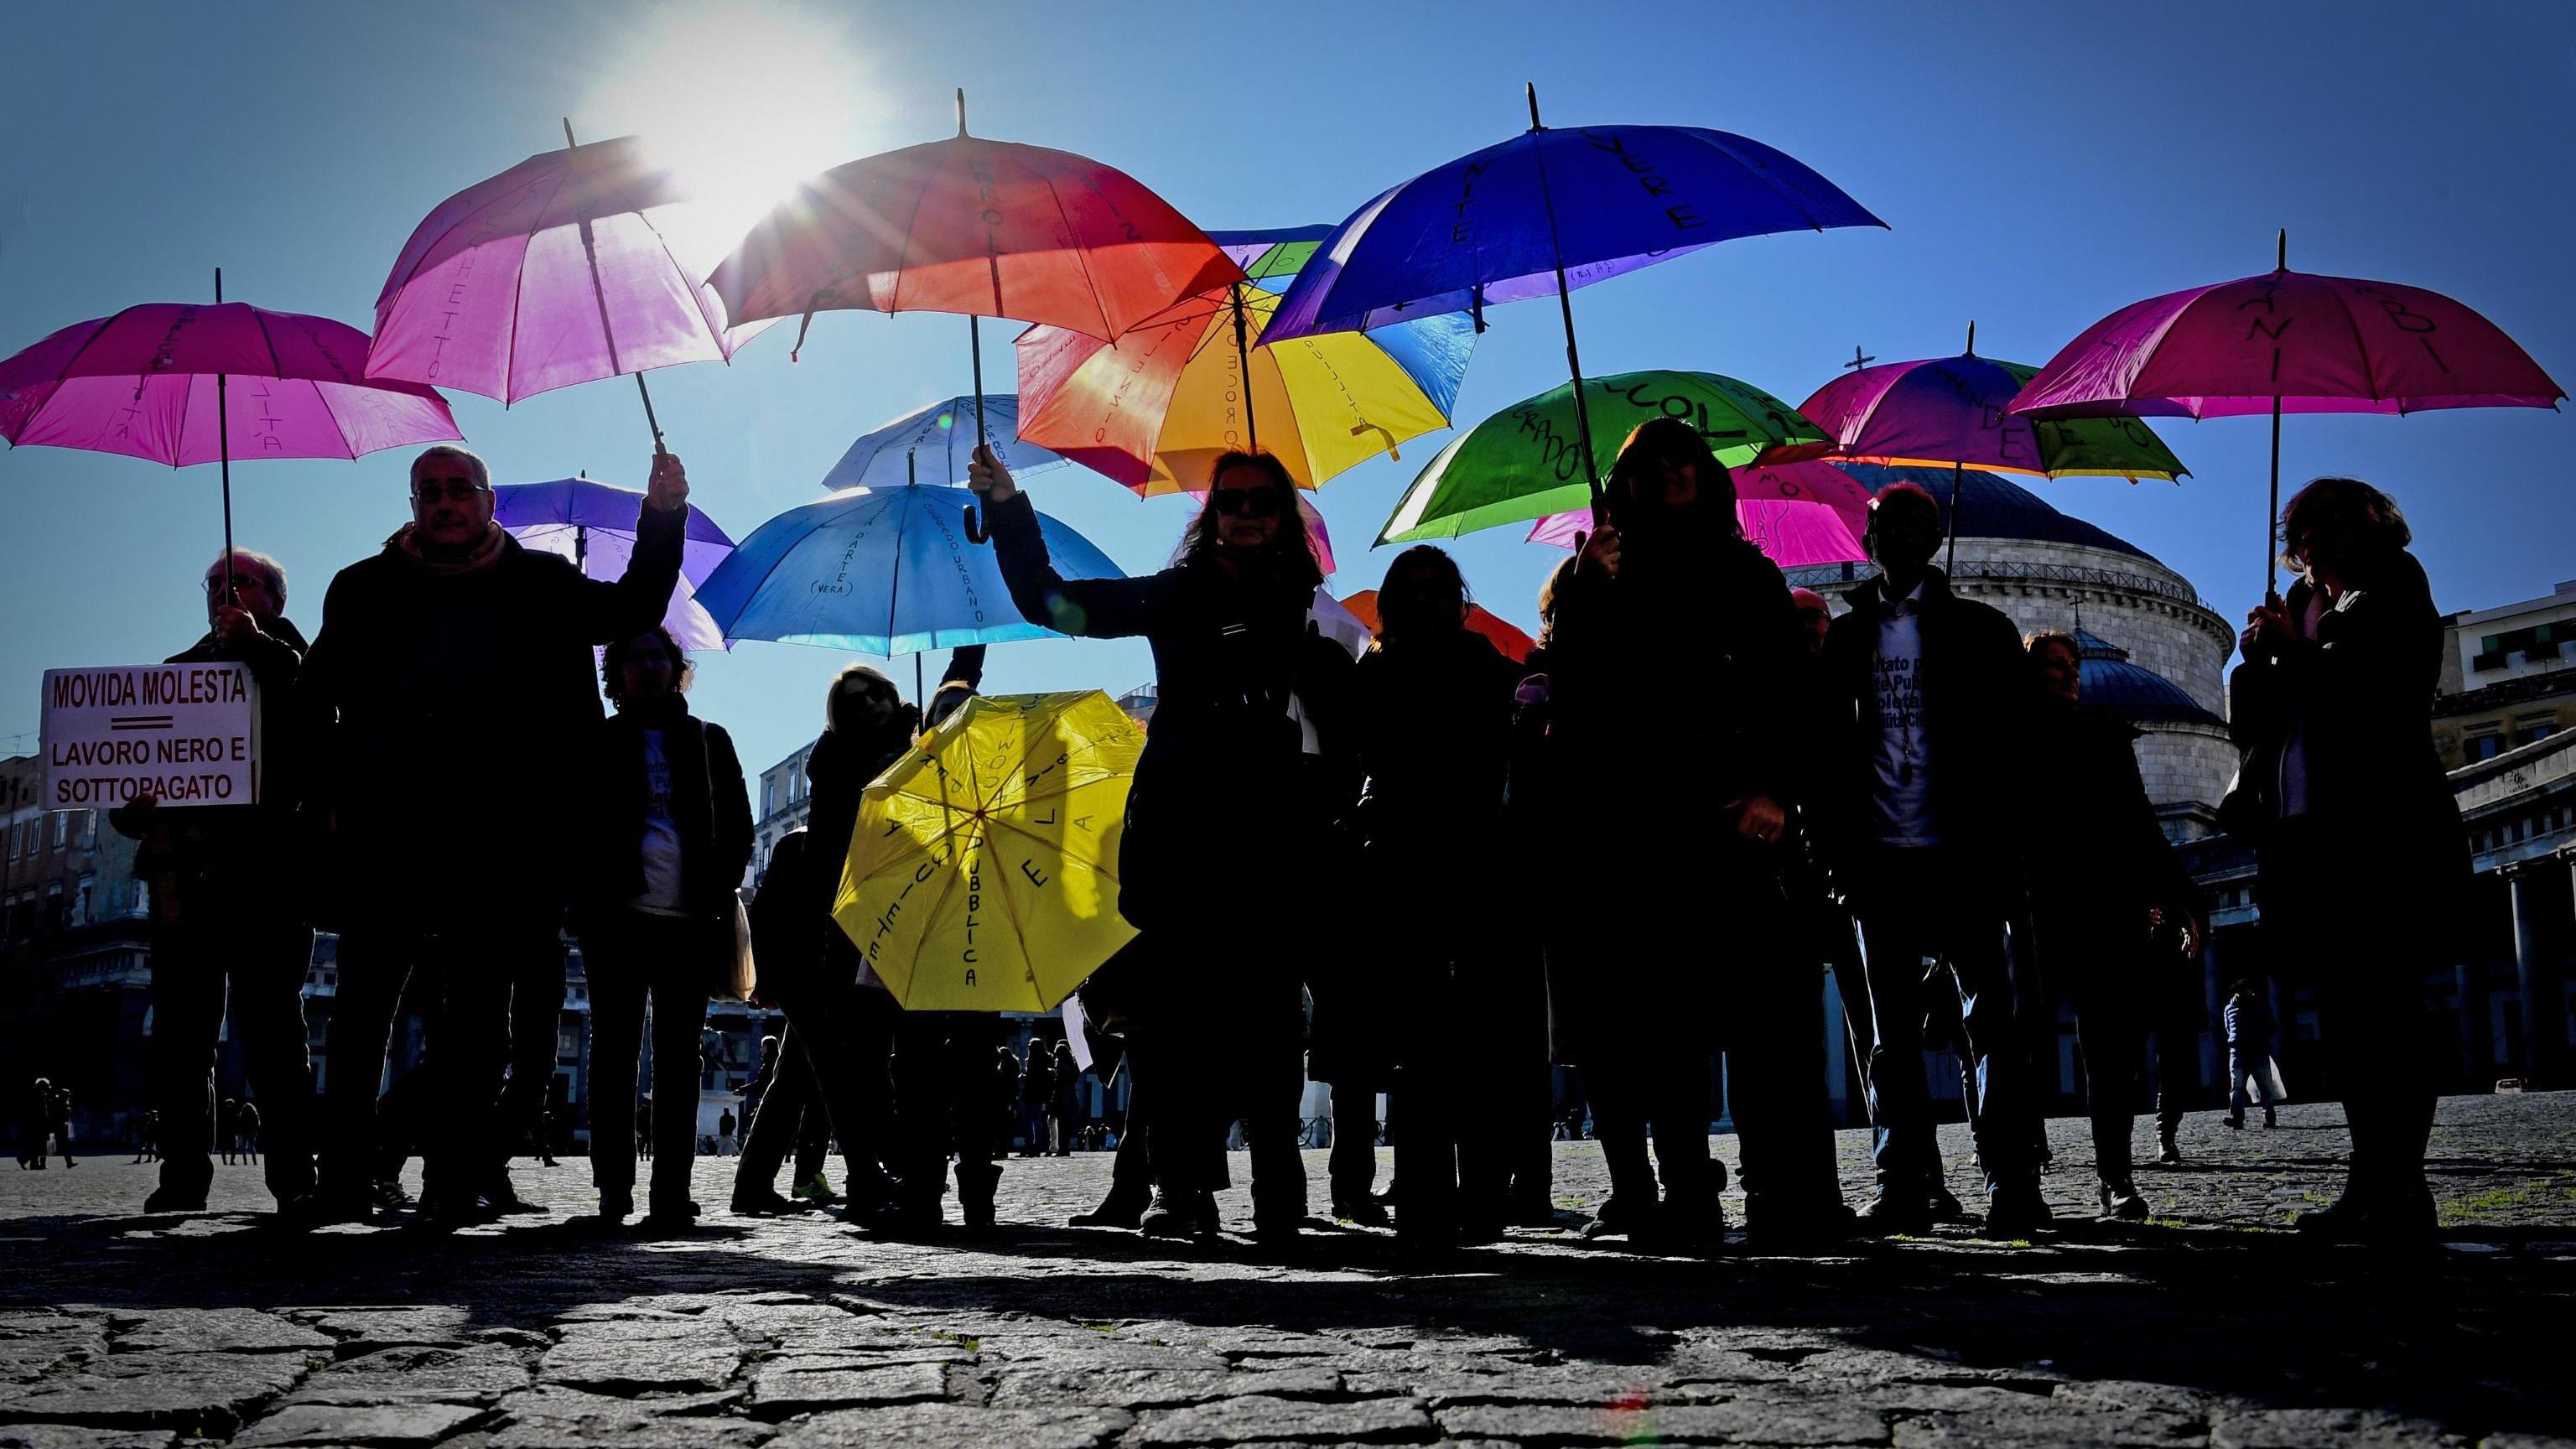 Napoli, marcia ombrelli per la sicurezza